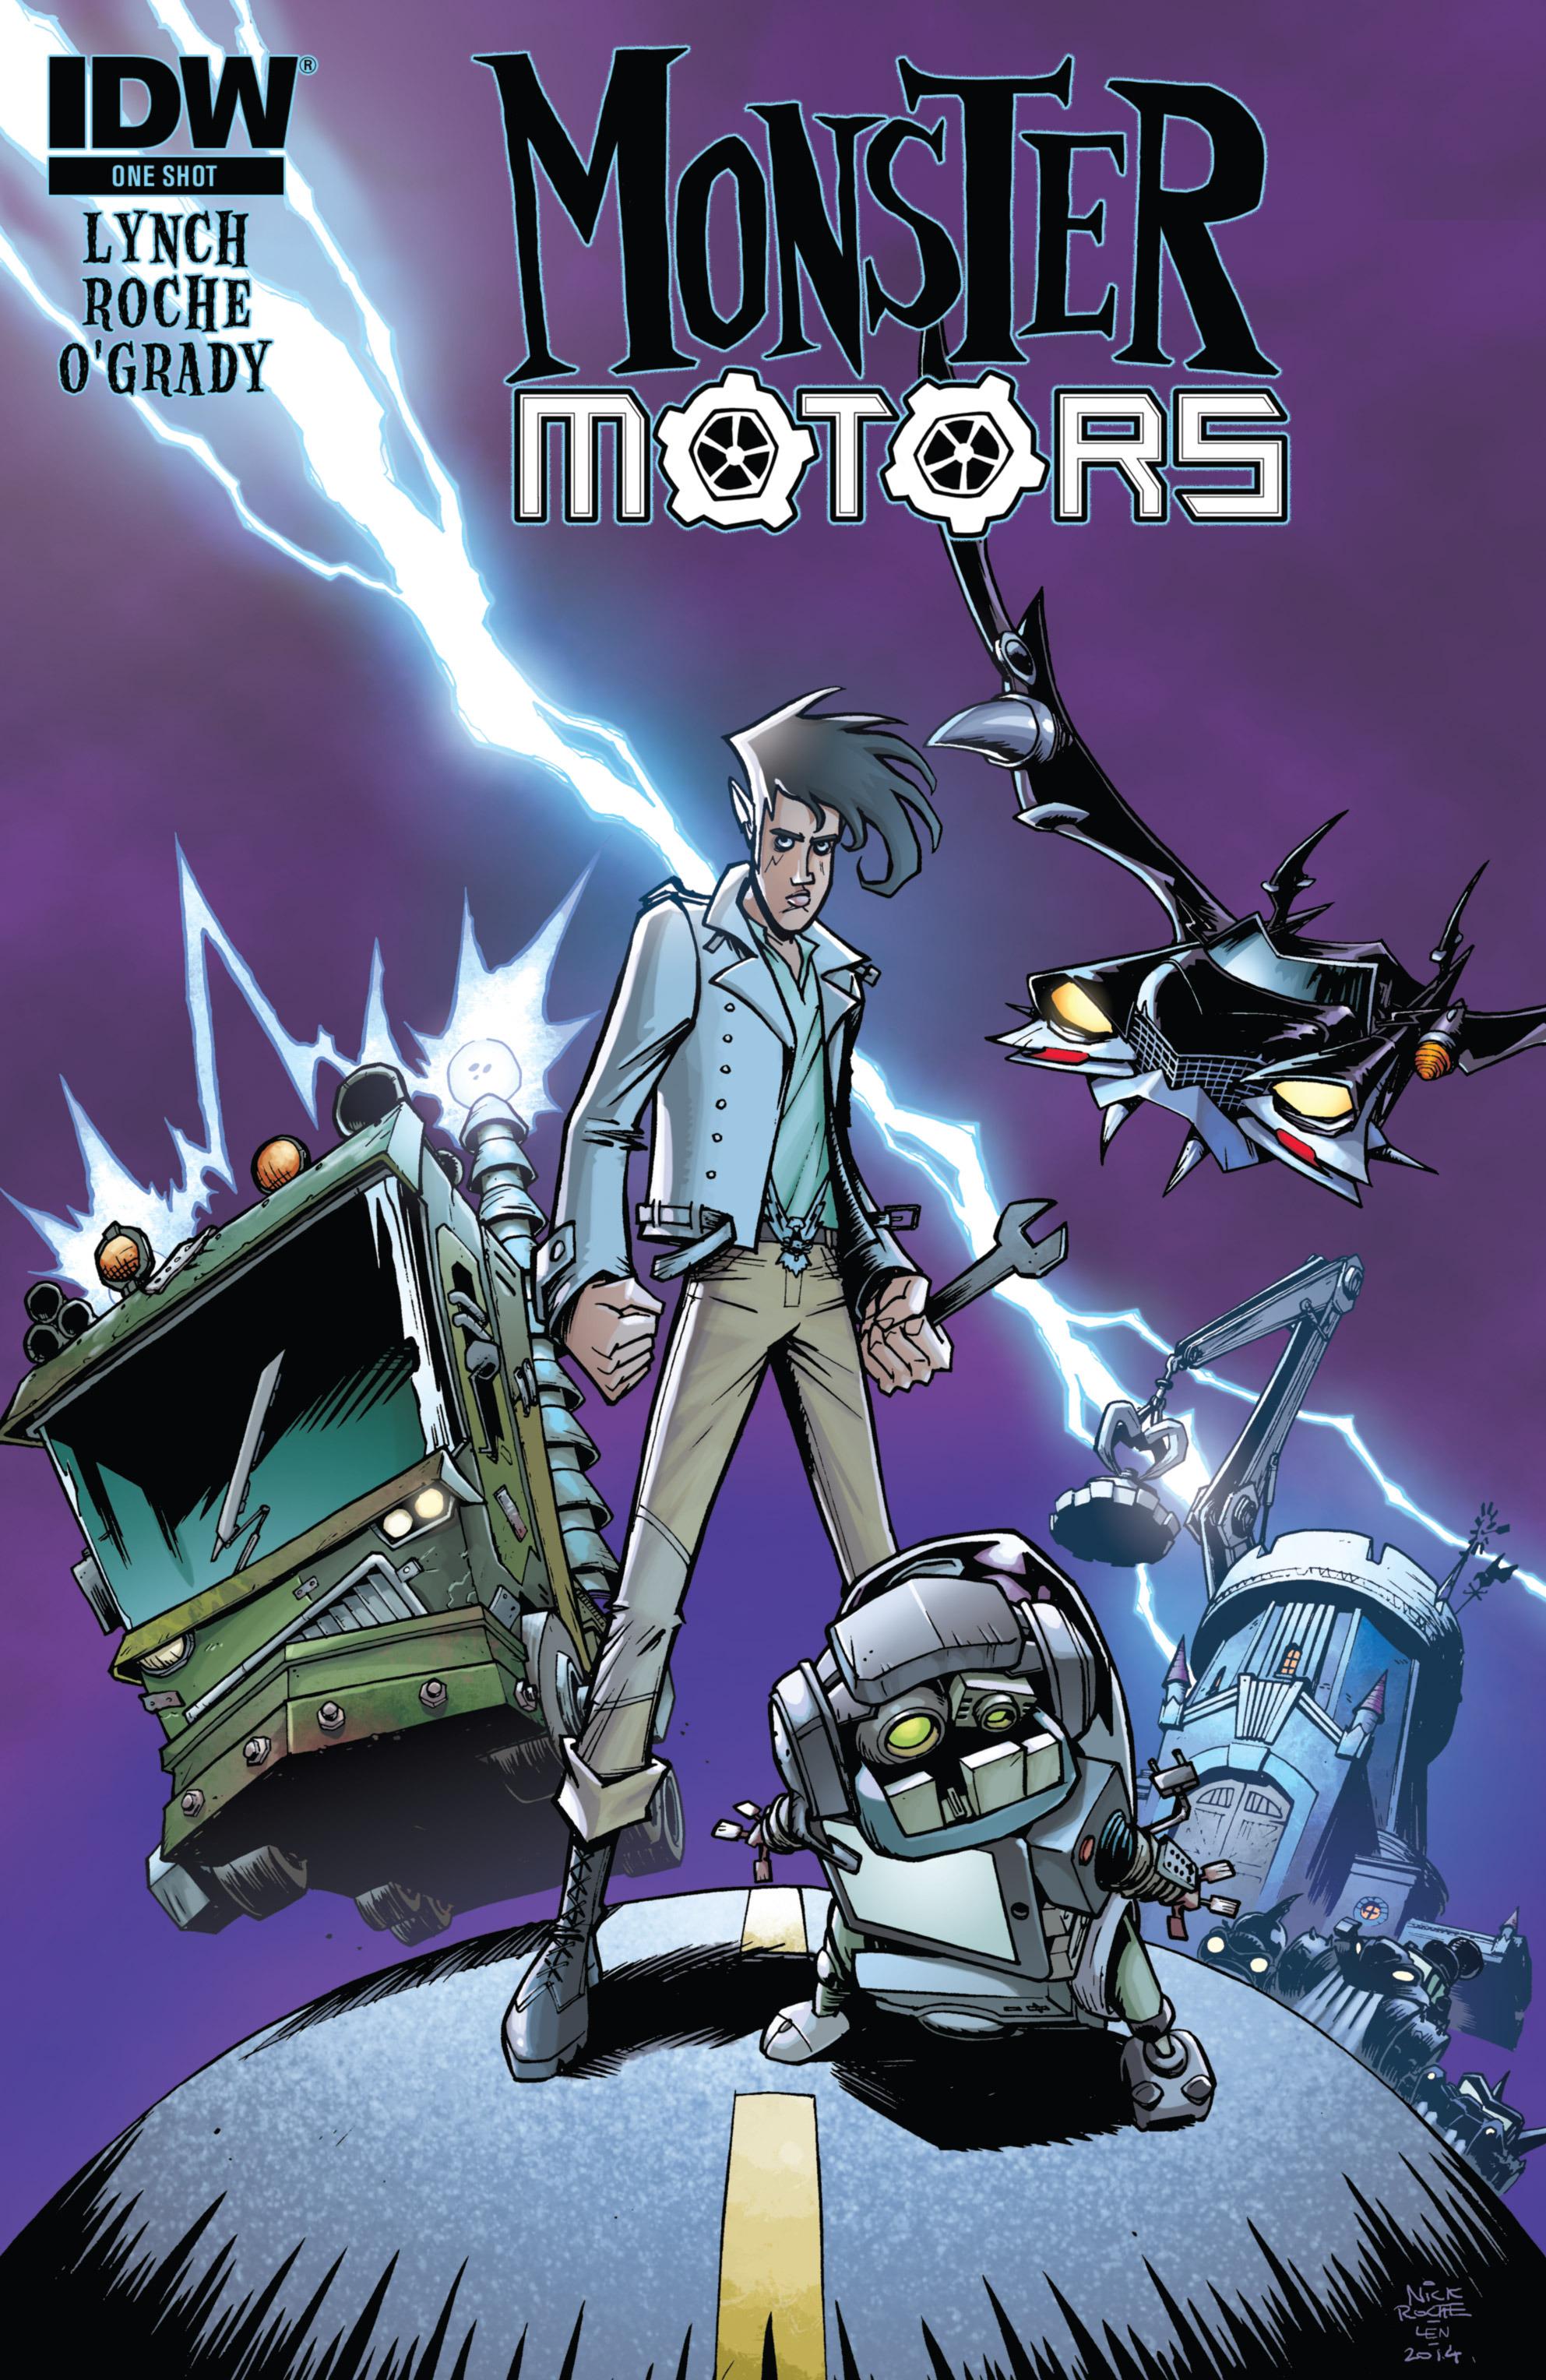 Read online Monster Motors comic -  Issue # Full - 1